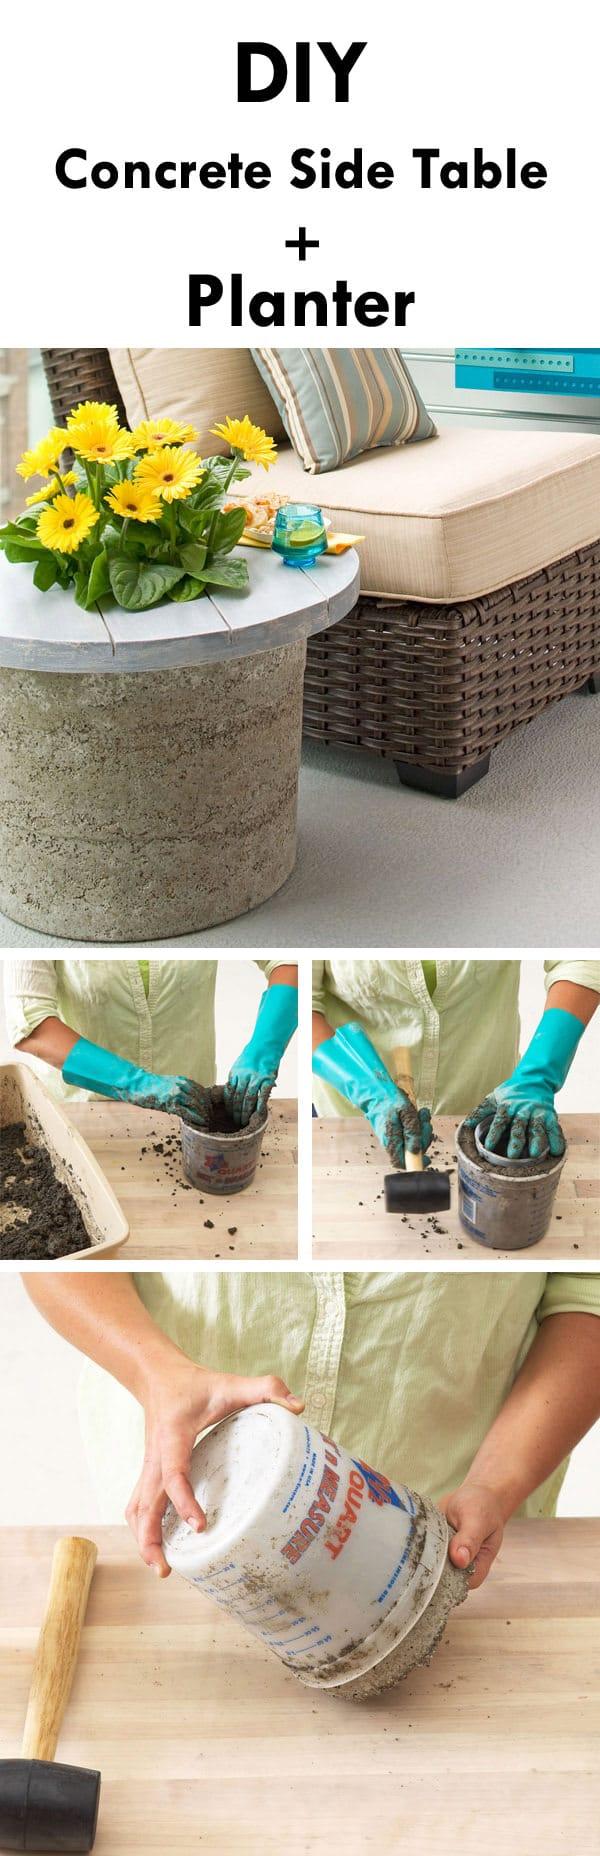 diy Concrete Side Table plus planter